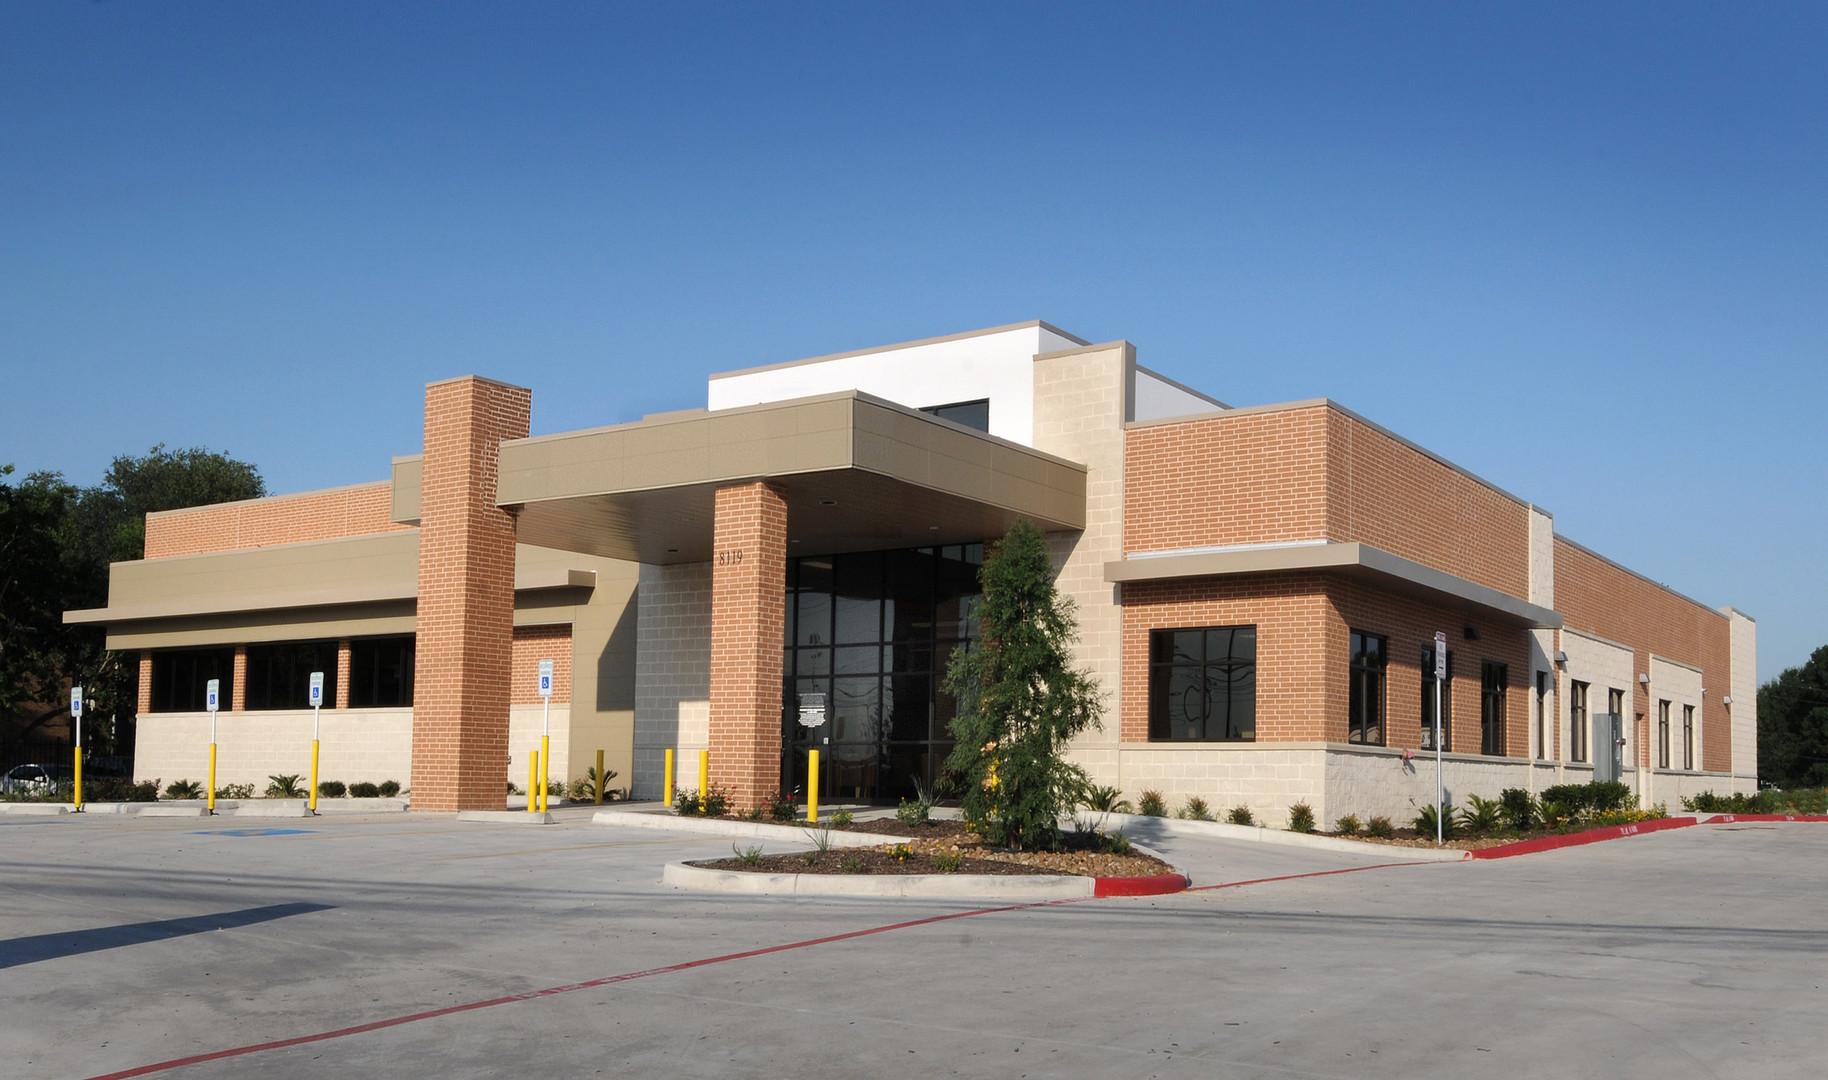 Pleasanton Road Healthcare Clinic